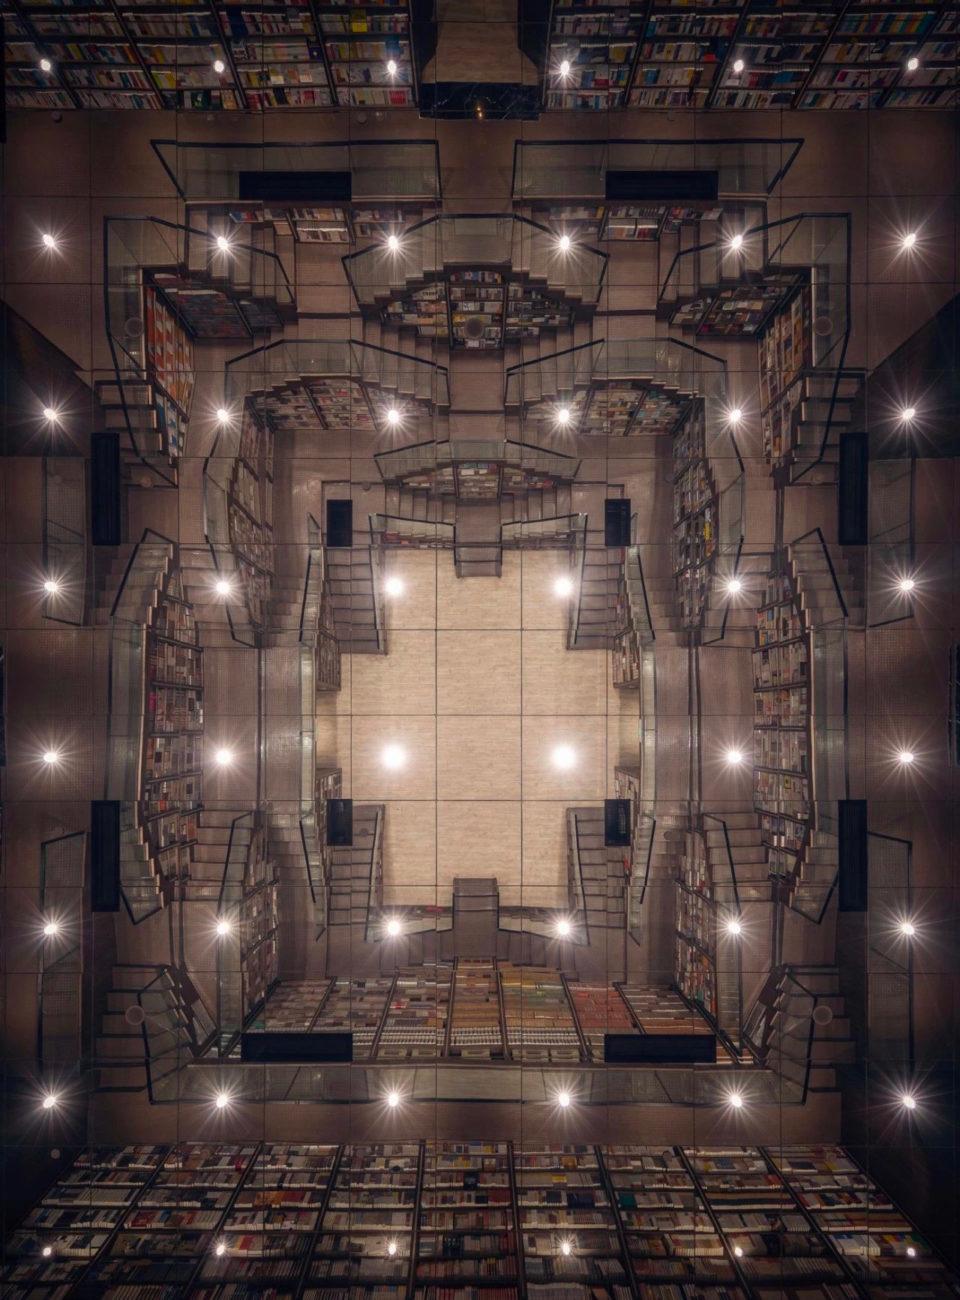 laberinto de escaleras q traen a la mente las escaleras imposibles del holandés M. C. Escher